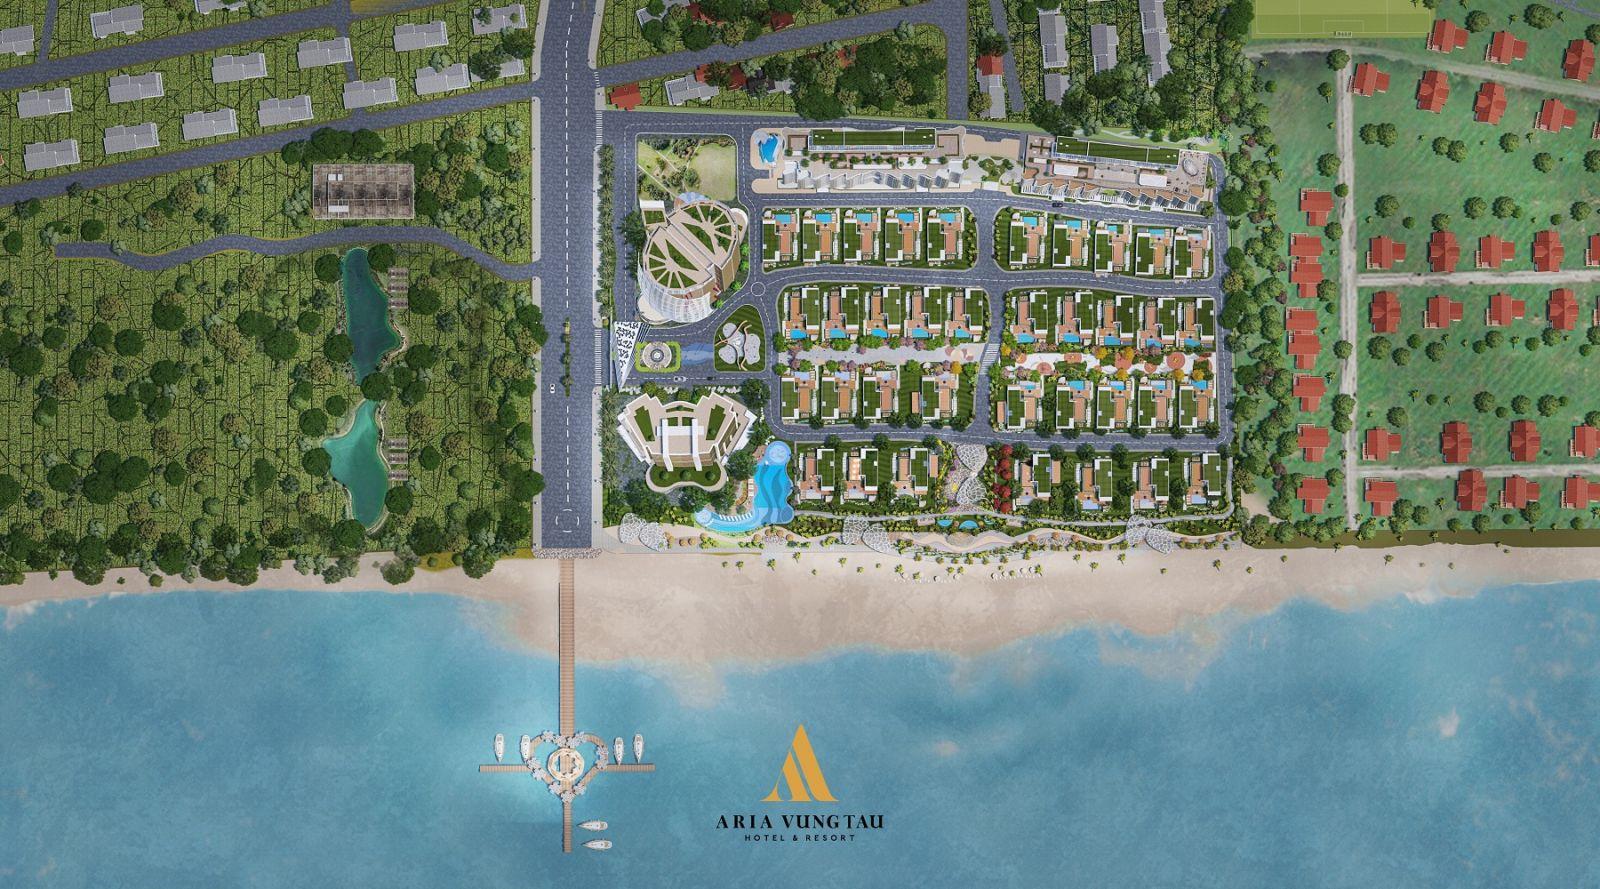 Dự án Aria Vũng Tàu Hotel & Resort